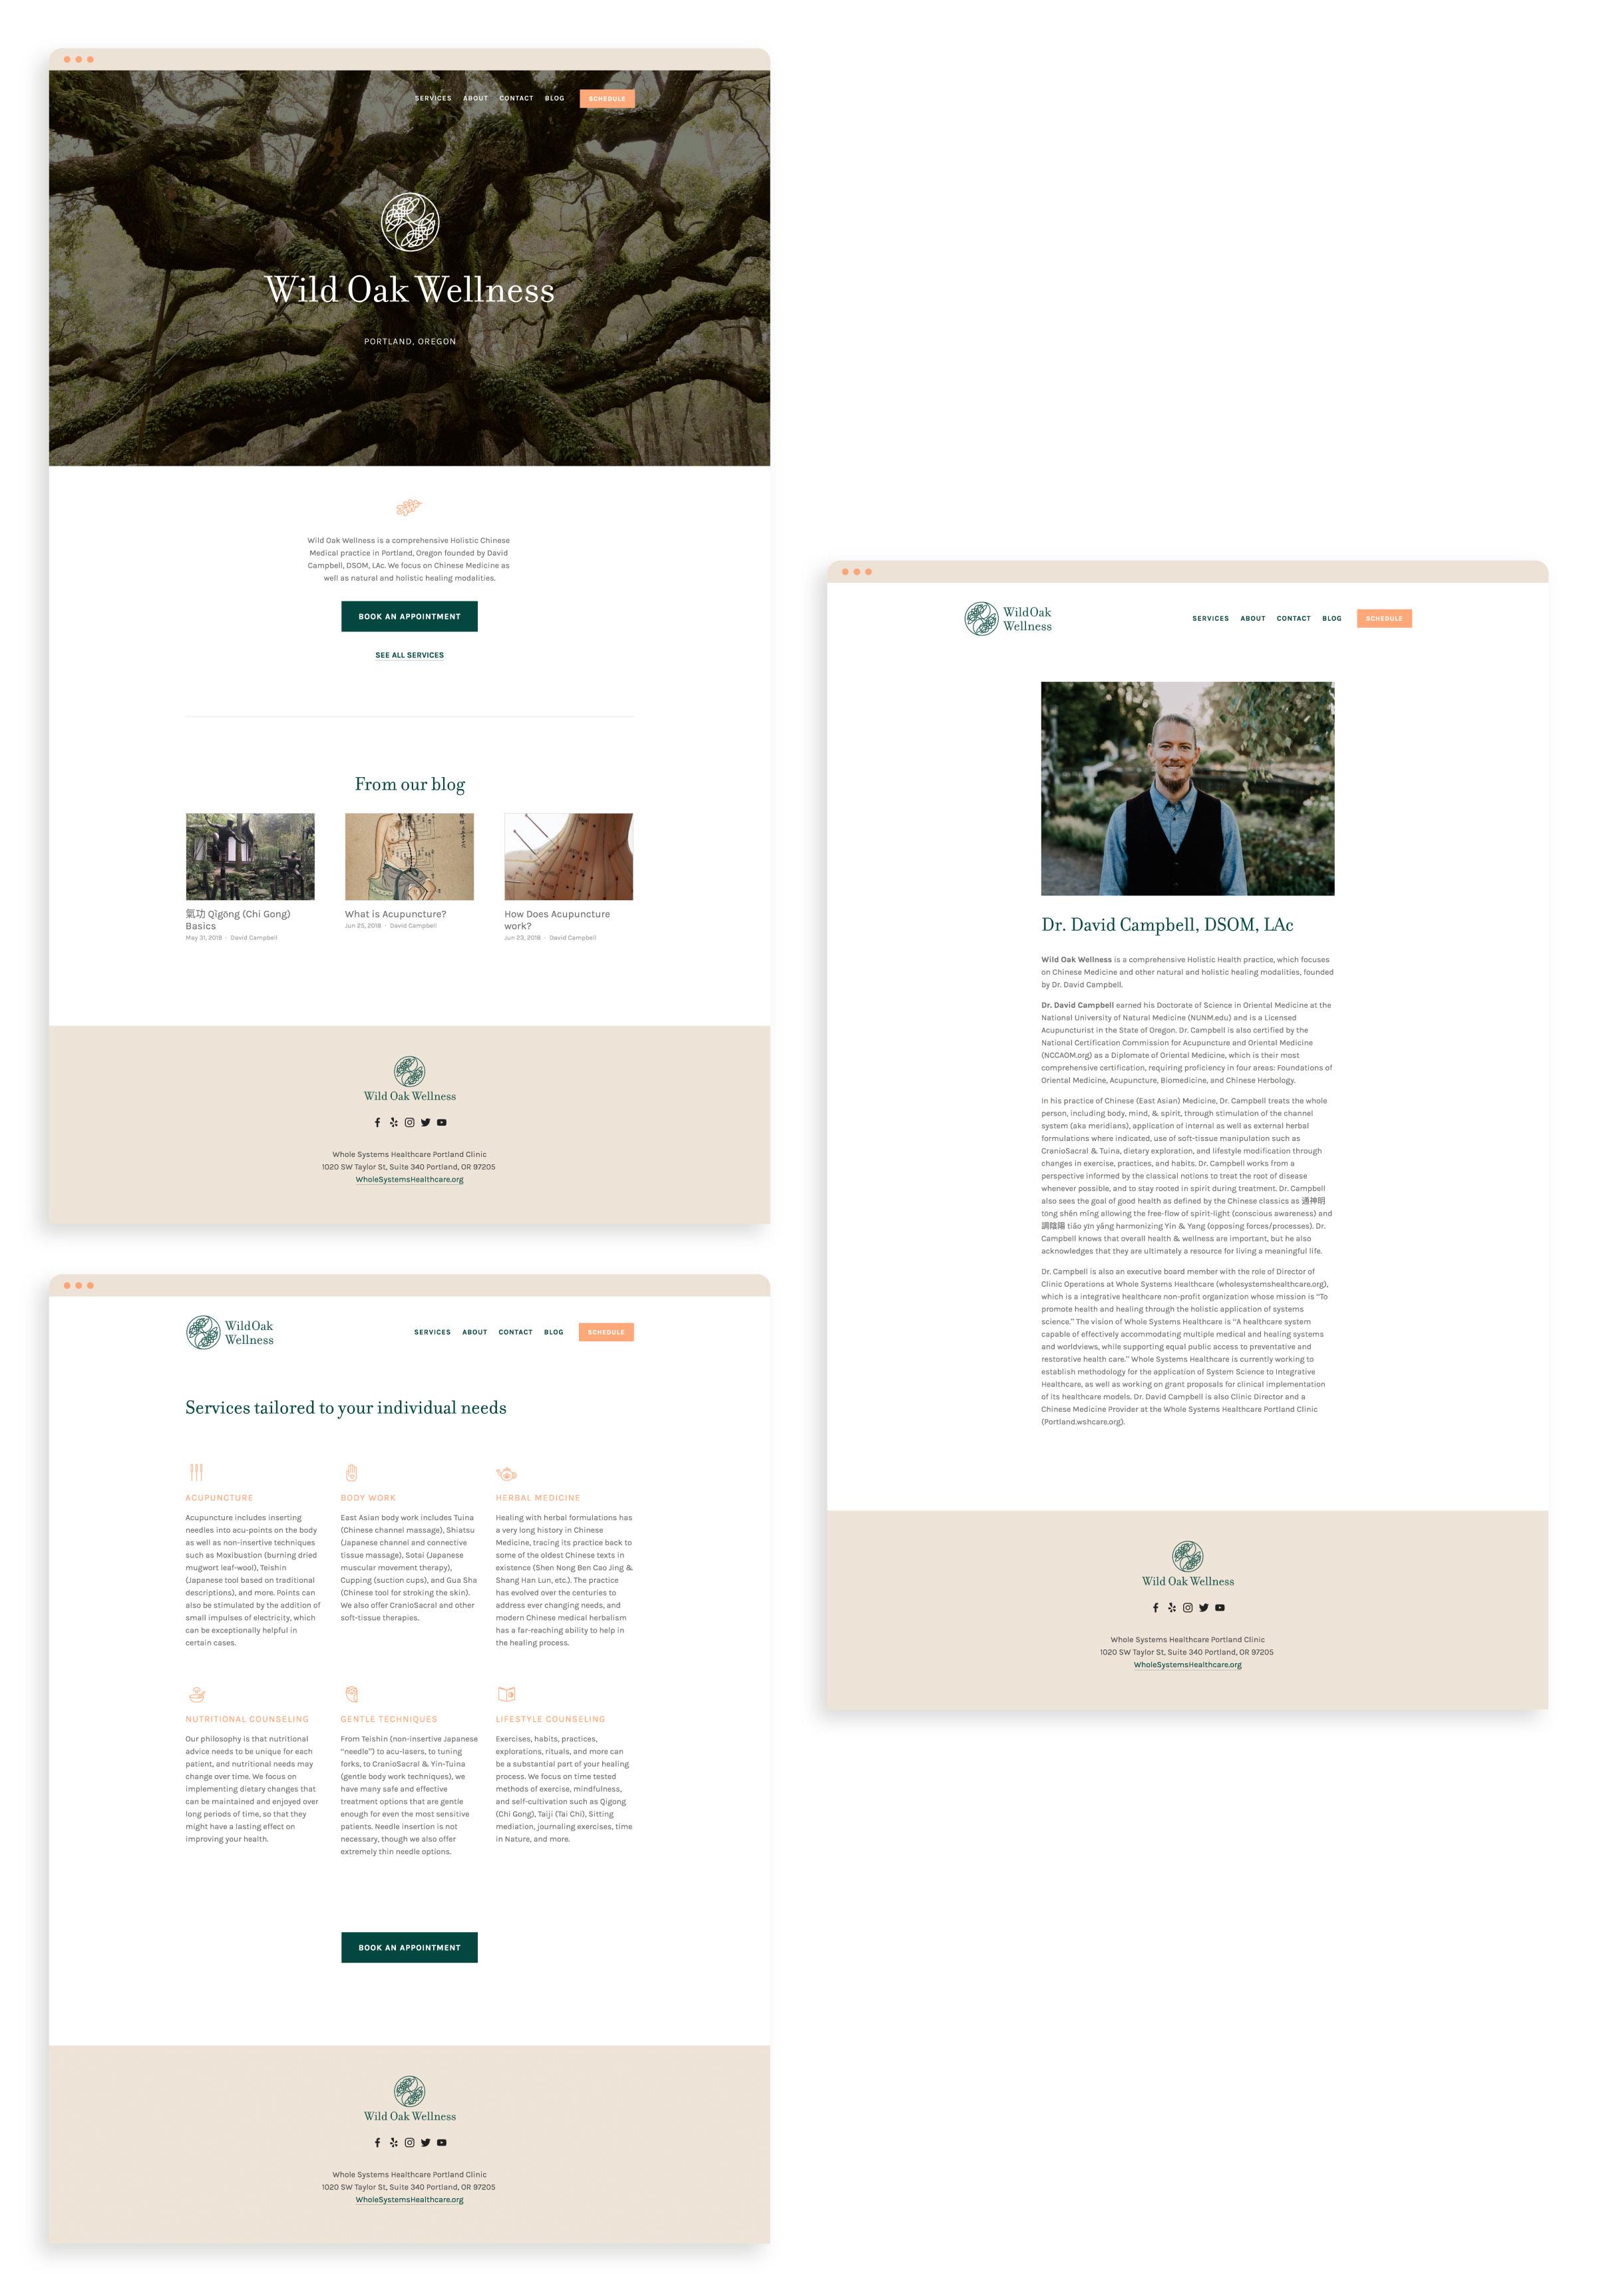 CampbellNoelle_WildOakWellness_Branding-site7.jpg